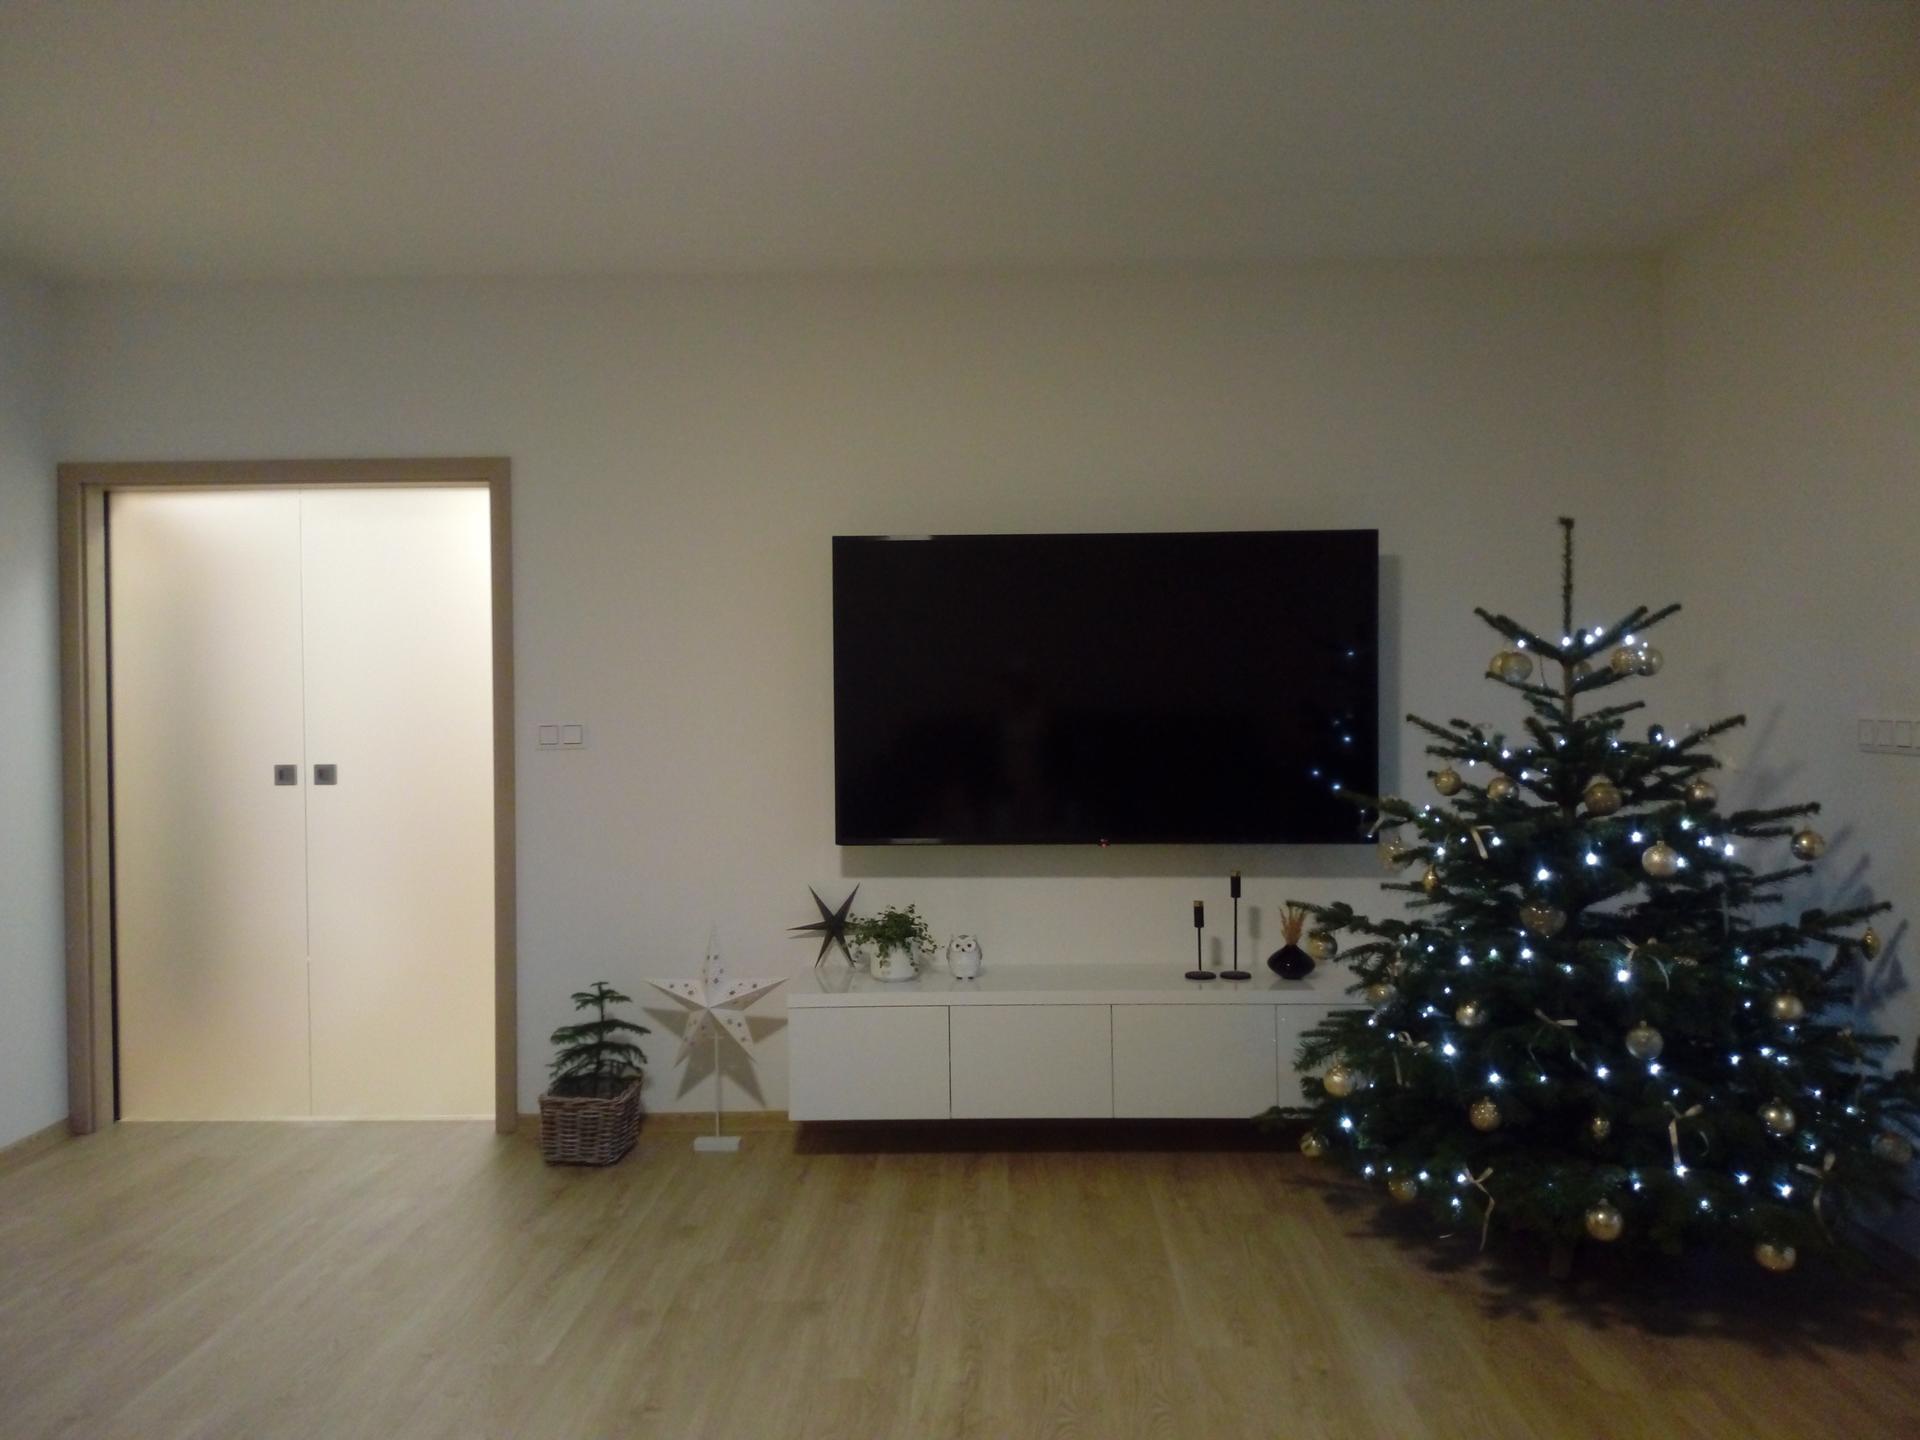 Naše doma - Krásné Vánoce přejeme💕🍀